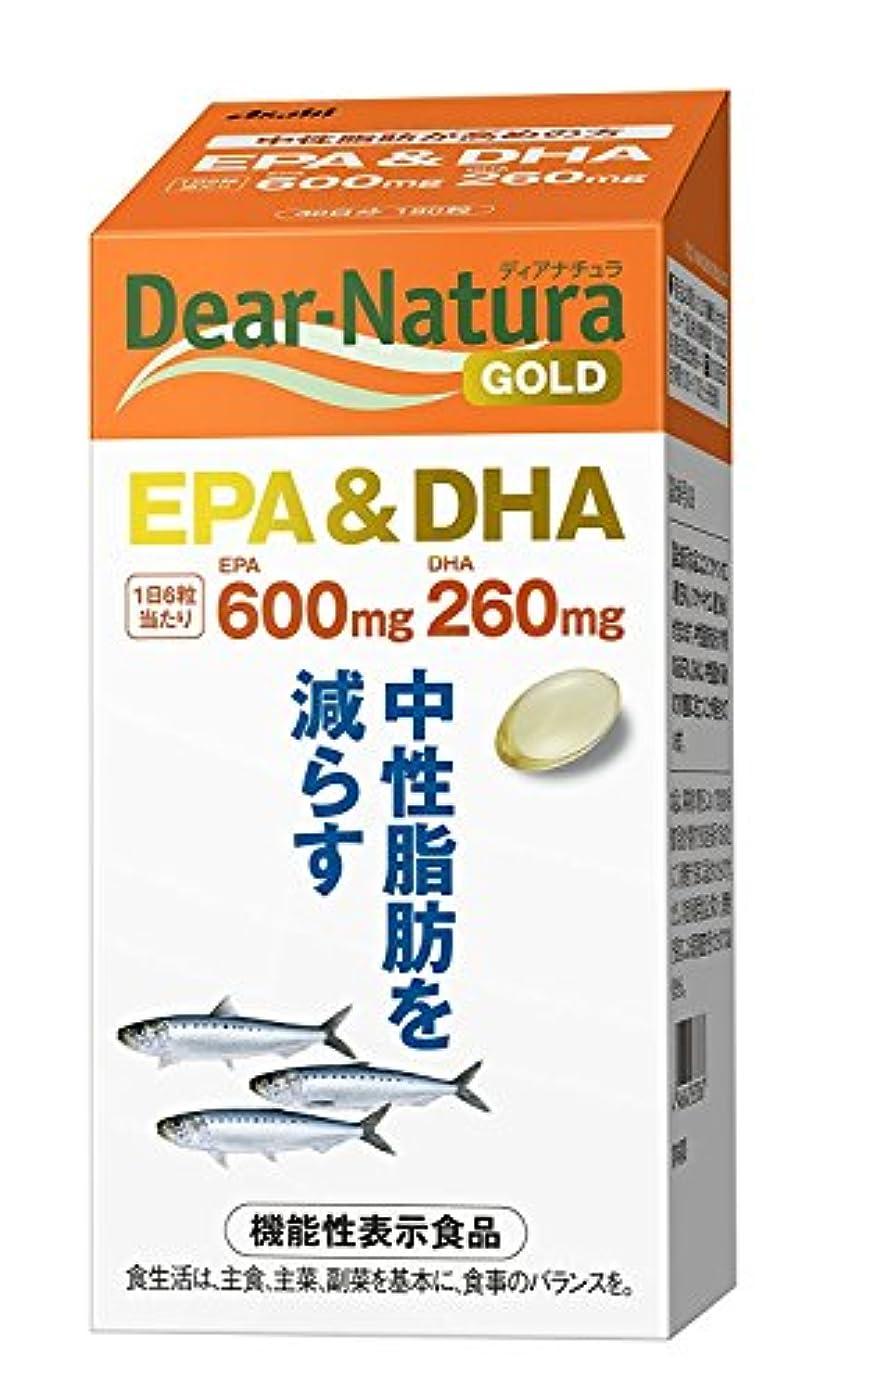 しゃがむ相対的供給【210粒】ディアナチュラゴールド EPA&DHA [機能性表示食品] 30日分+5日分 (180粒+30粒)x2個 4946842637867-2